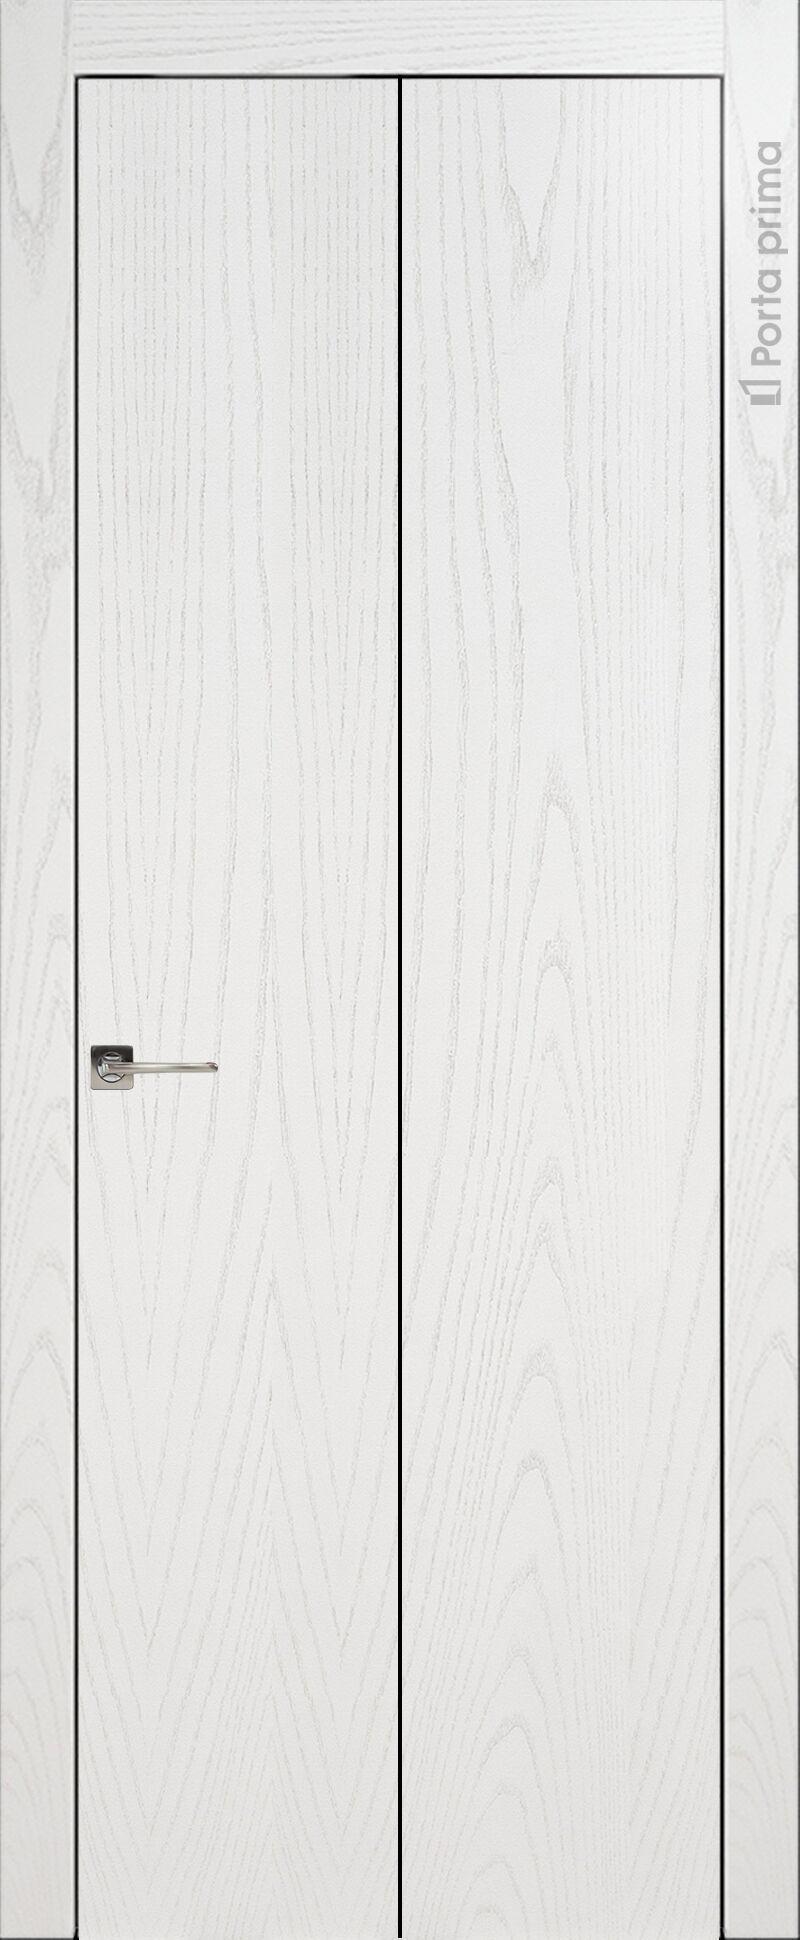 Tivoli А-1 Книжка цвет - Ясень белая эмаль Без стекла (ДГ)